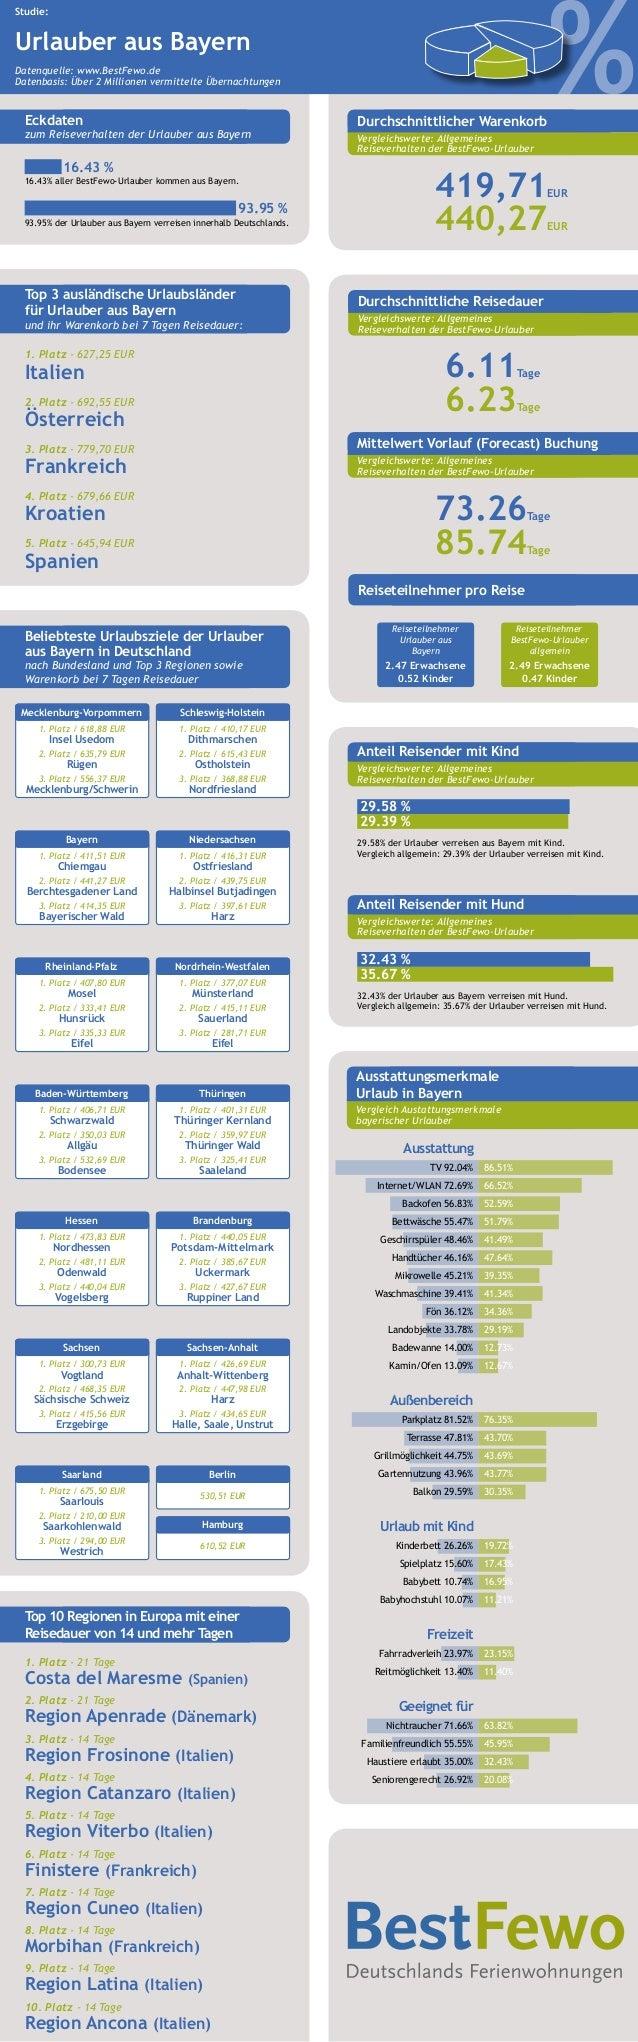 % Studie: Urlauber aus Bayern Datenquelle: www.BestFewo.de Datenbasis: Über 2 Millionen vermittelte Übernachtungen Beliebt...